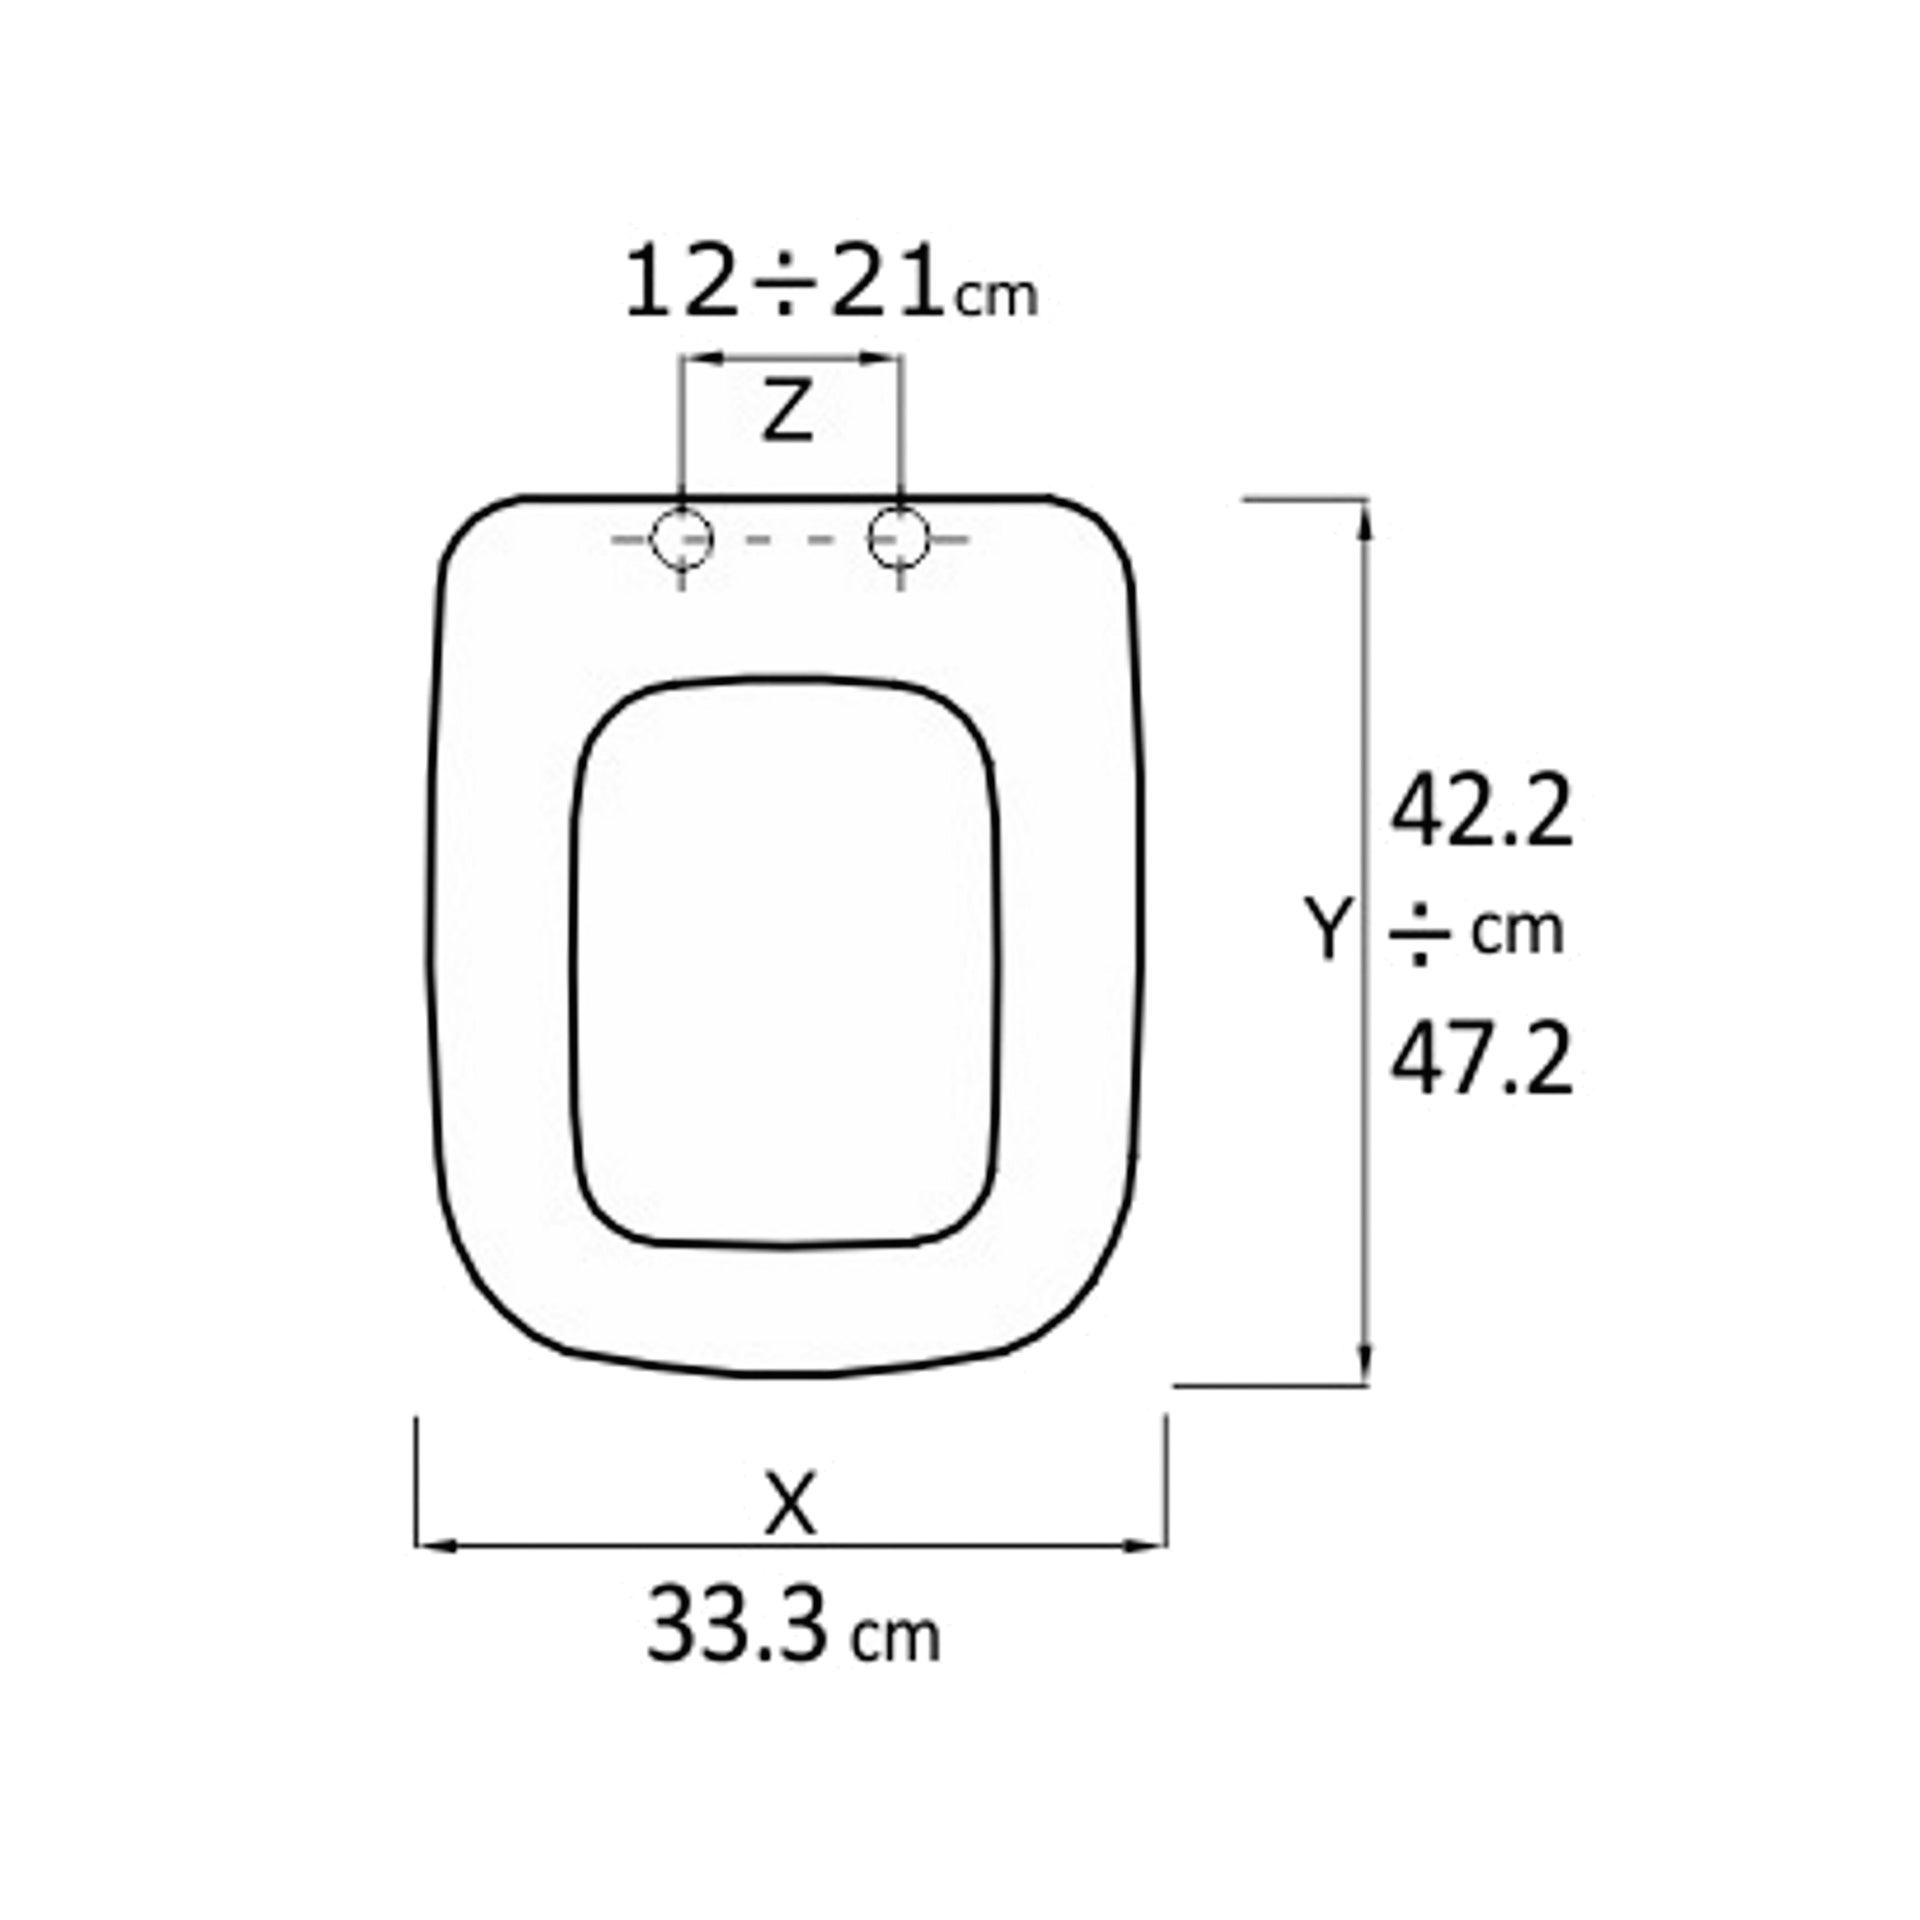 Copriwater rettangolare Universale Conca mdf bianco - 4